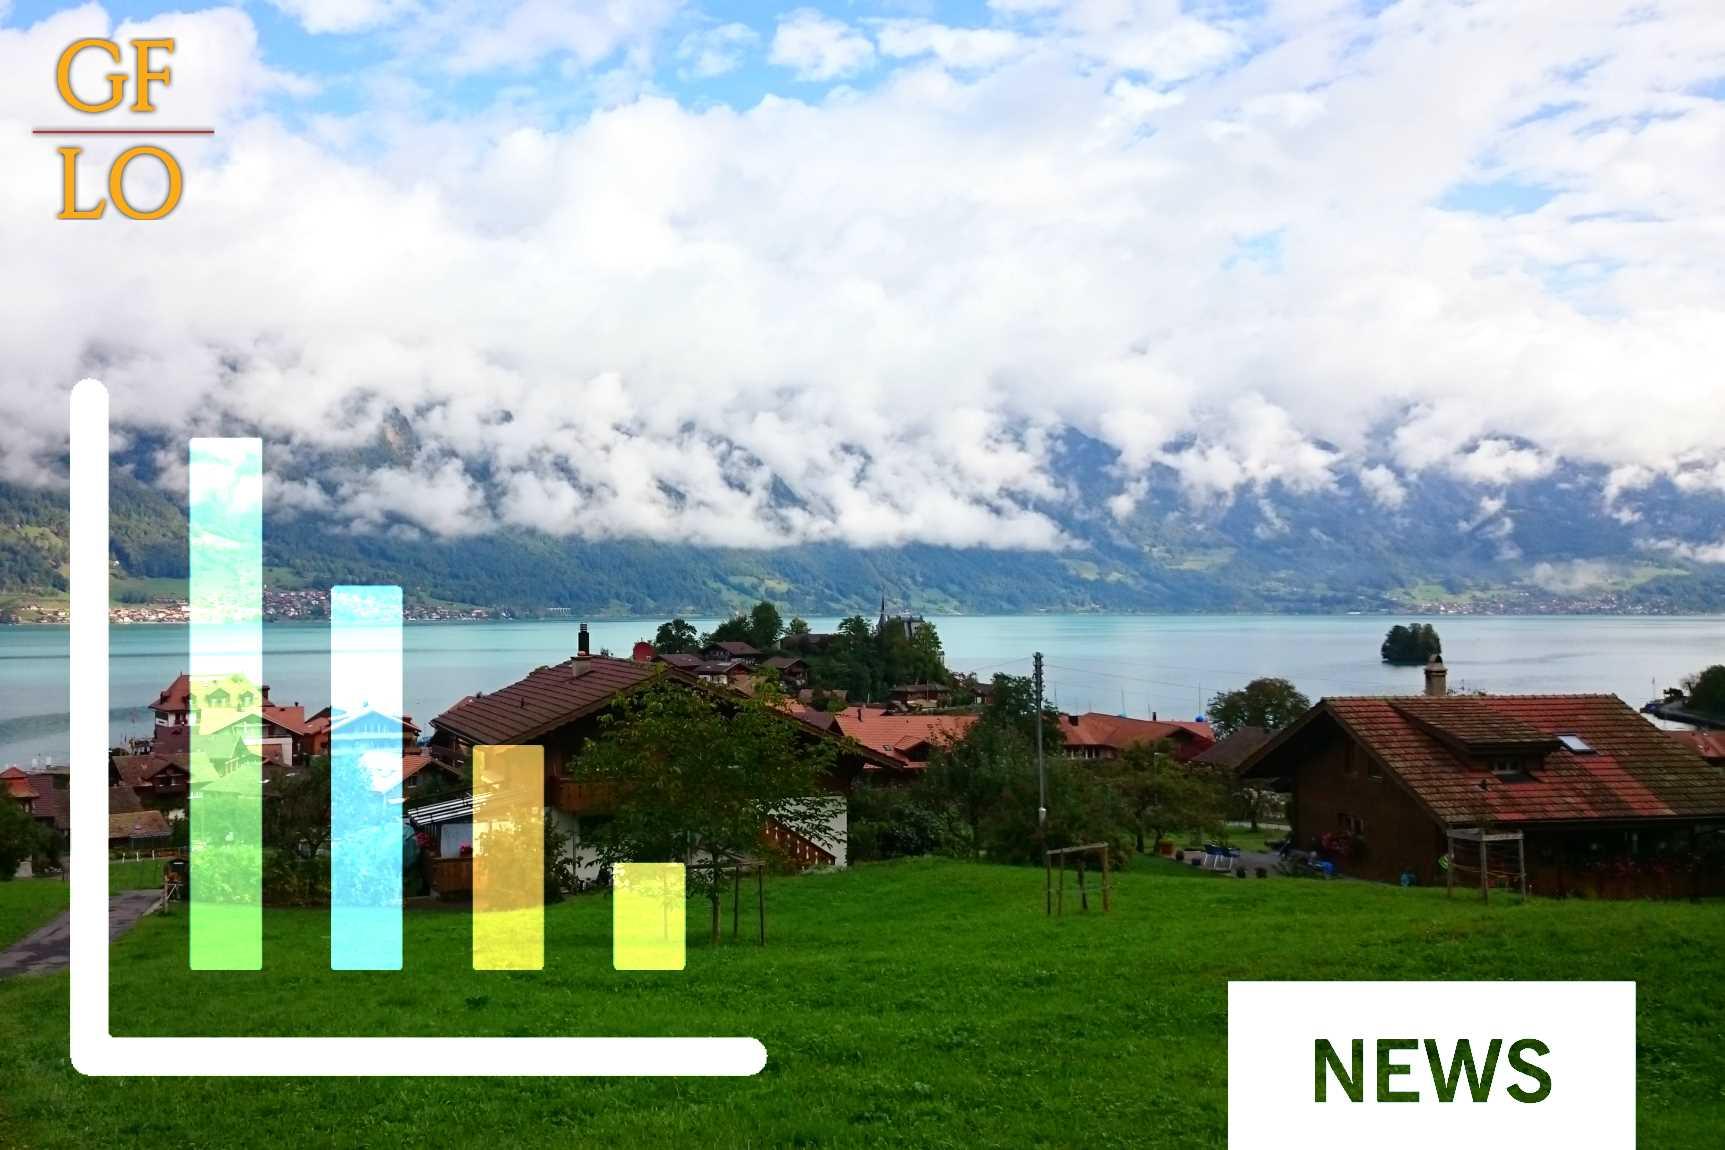 Швейцария станет новым налоговым раем?